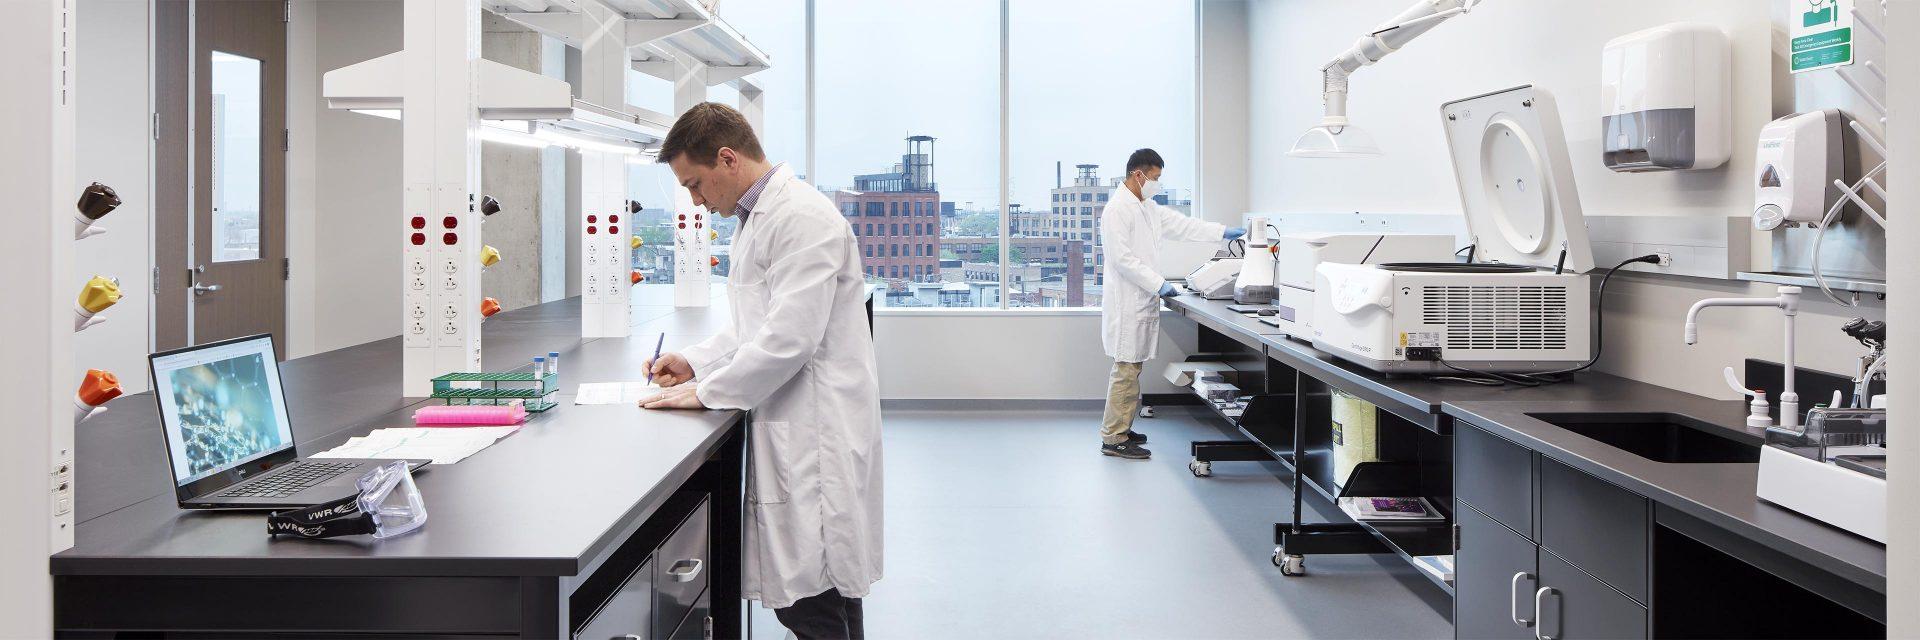 Inside a scientific laboratory